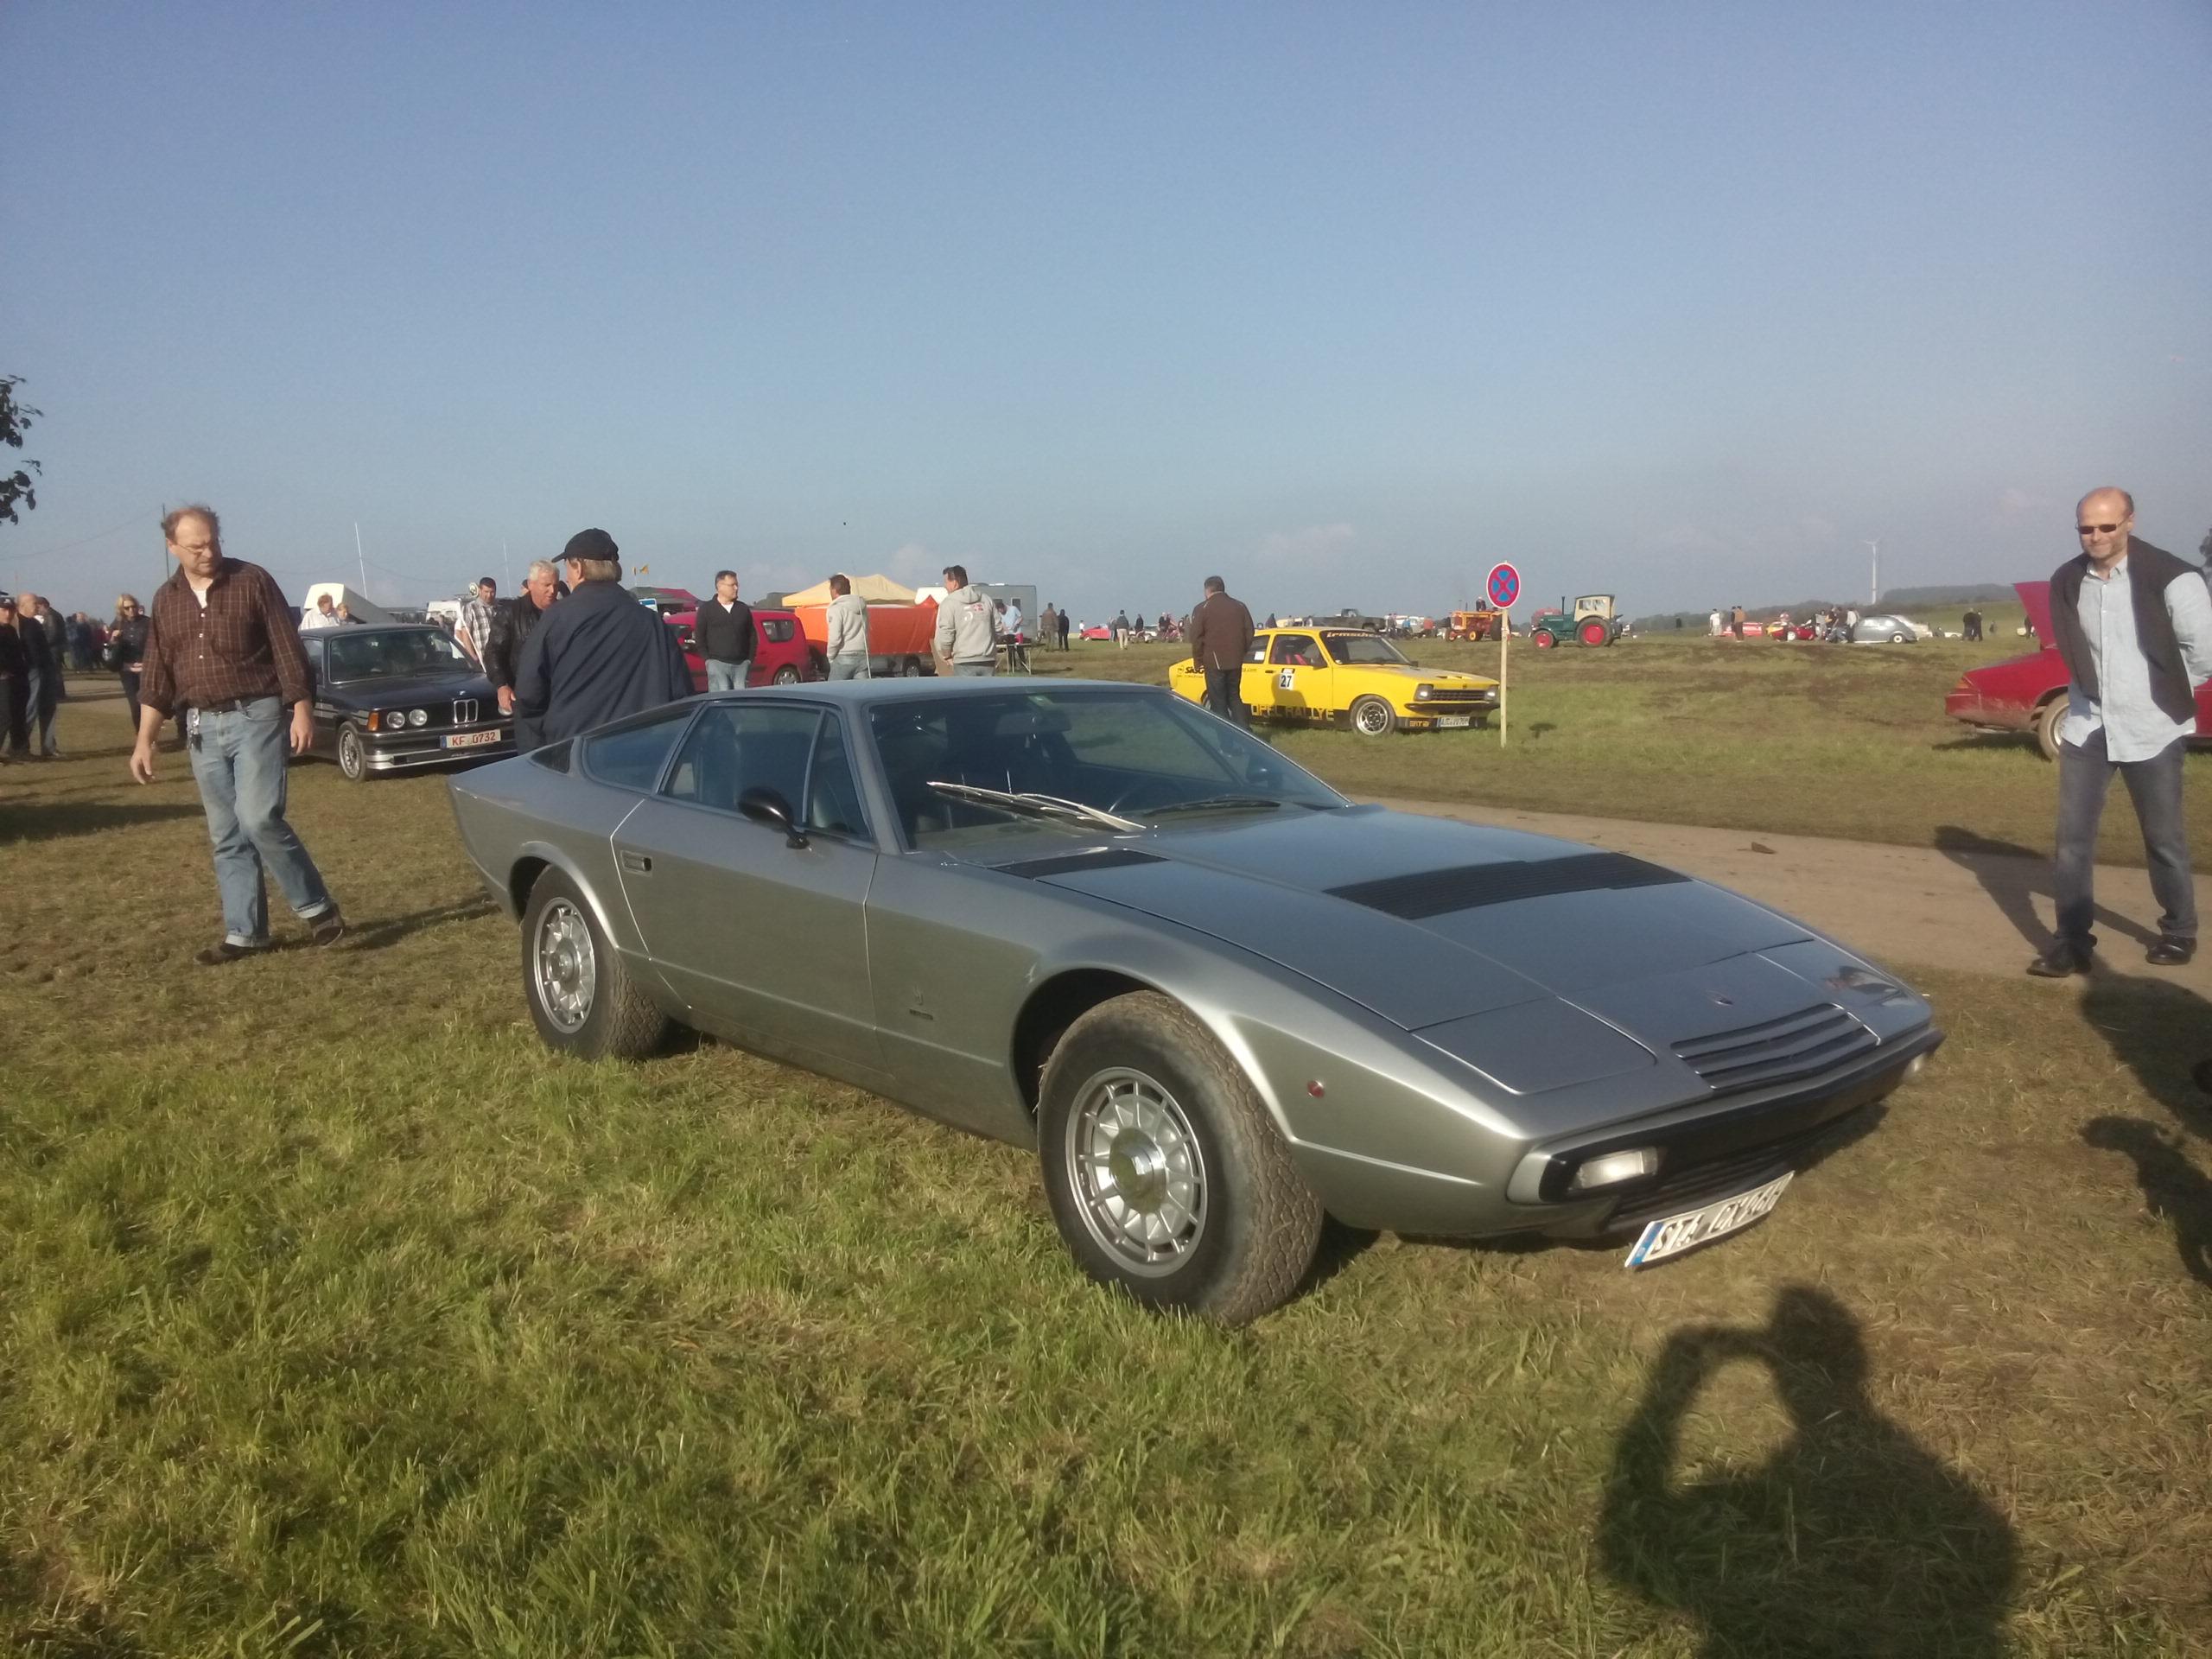 Eleganz, Technik und Kraft - Maserati schon in den 1970er JAhren